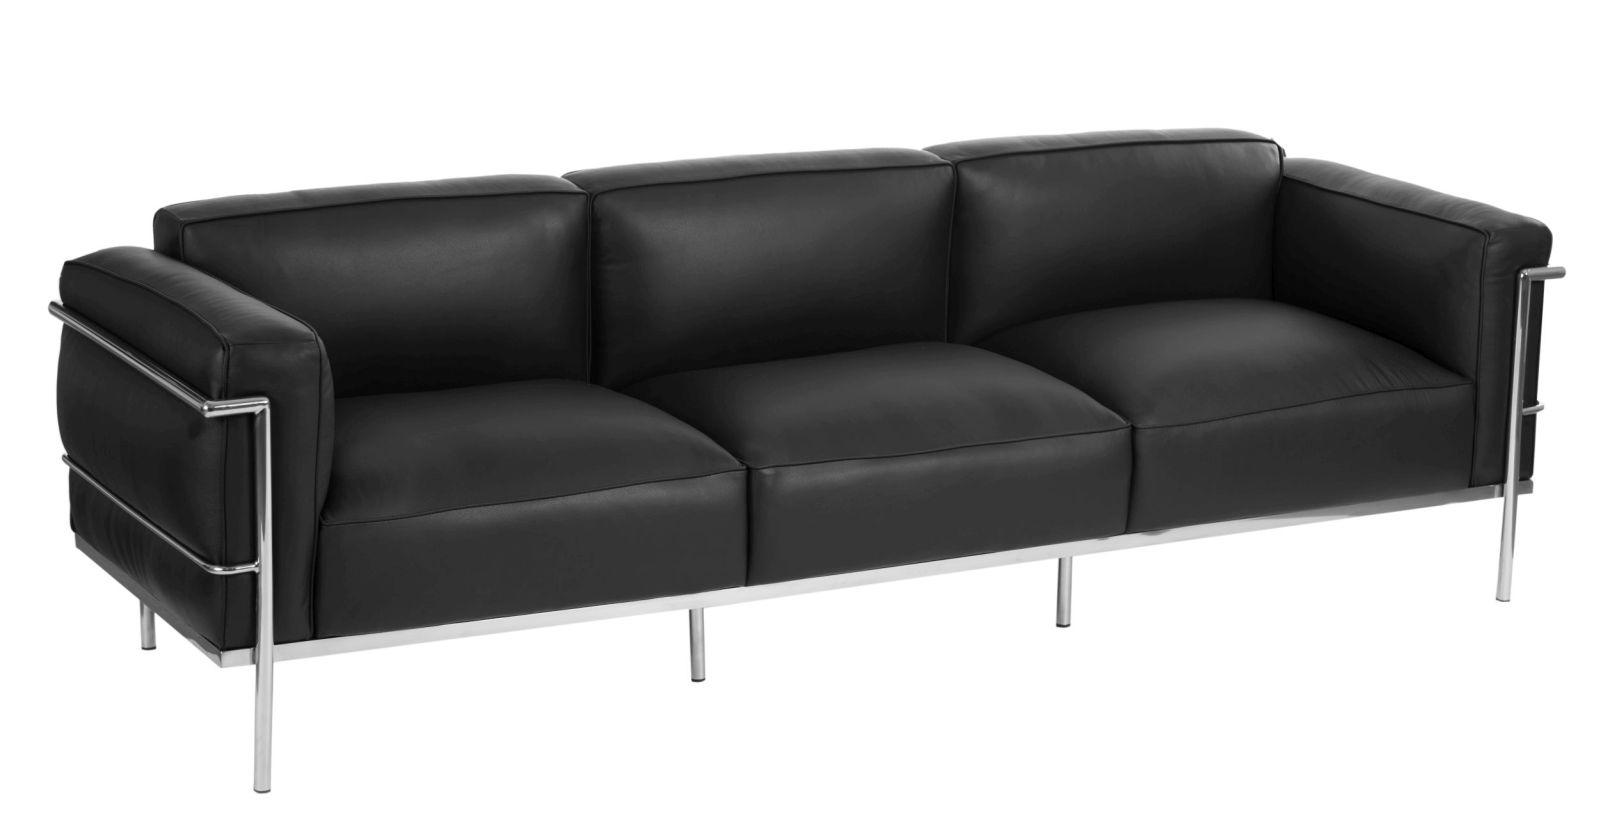 Sofa 3-osobowa Soft GC czarna skóra - zdjęcie nr 0